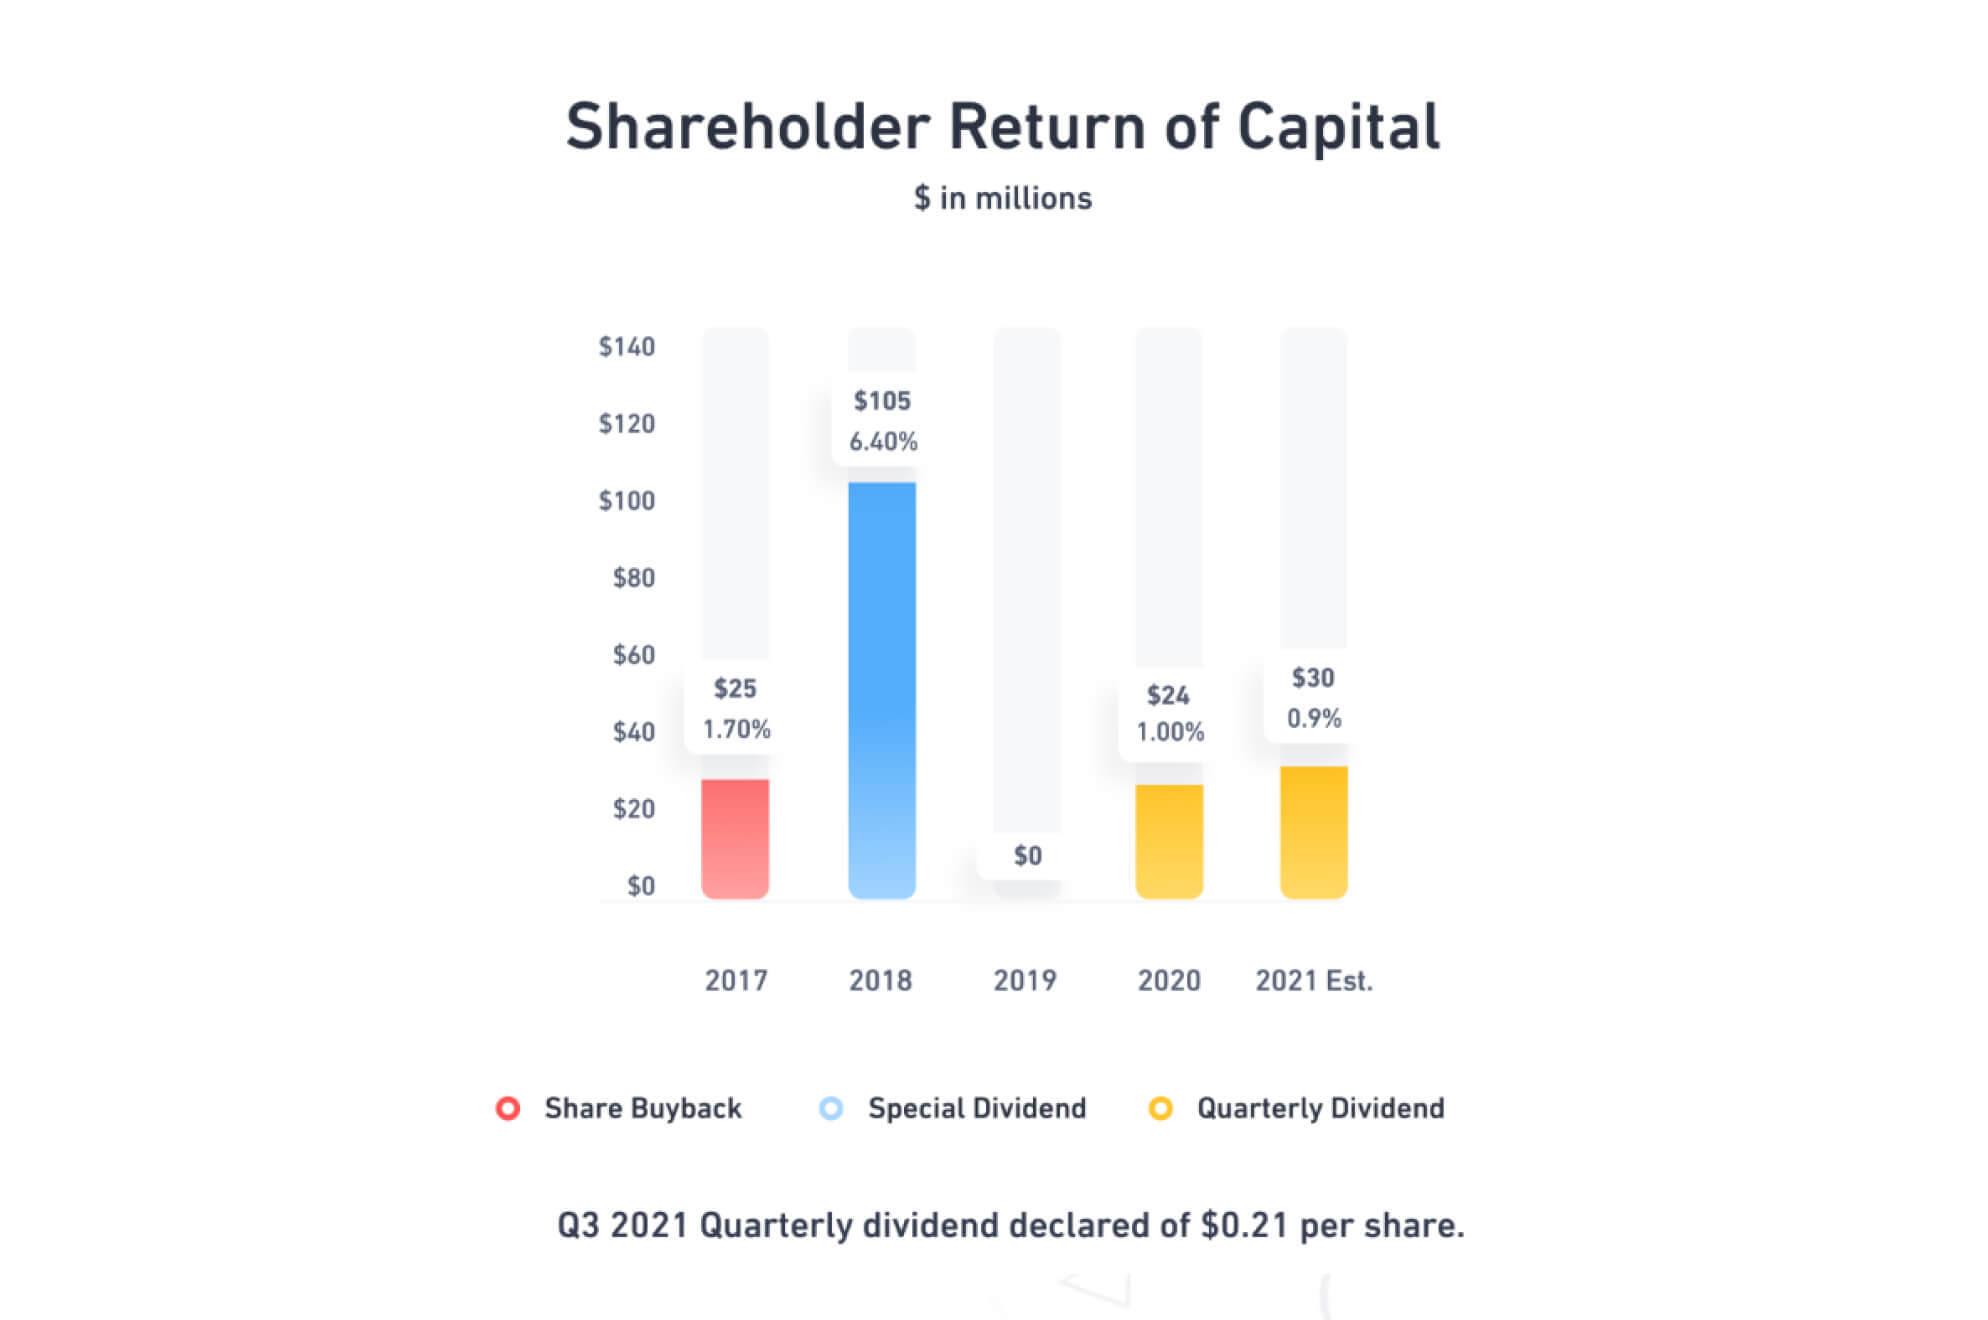 Shareholder Return of Capital